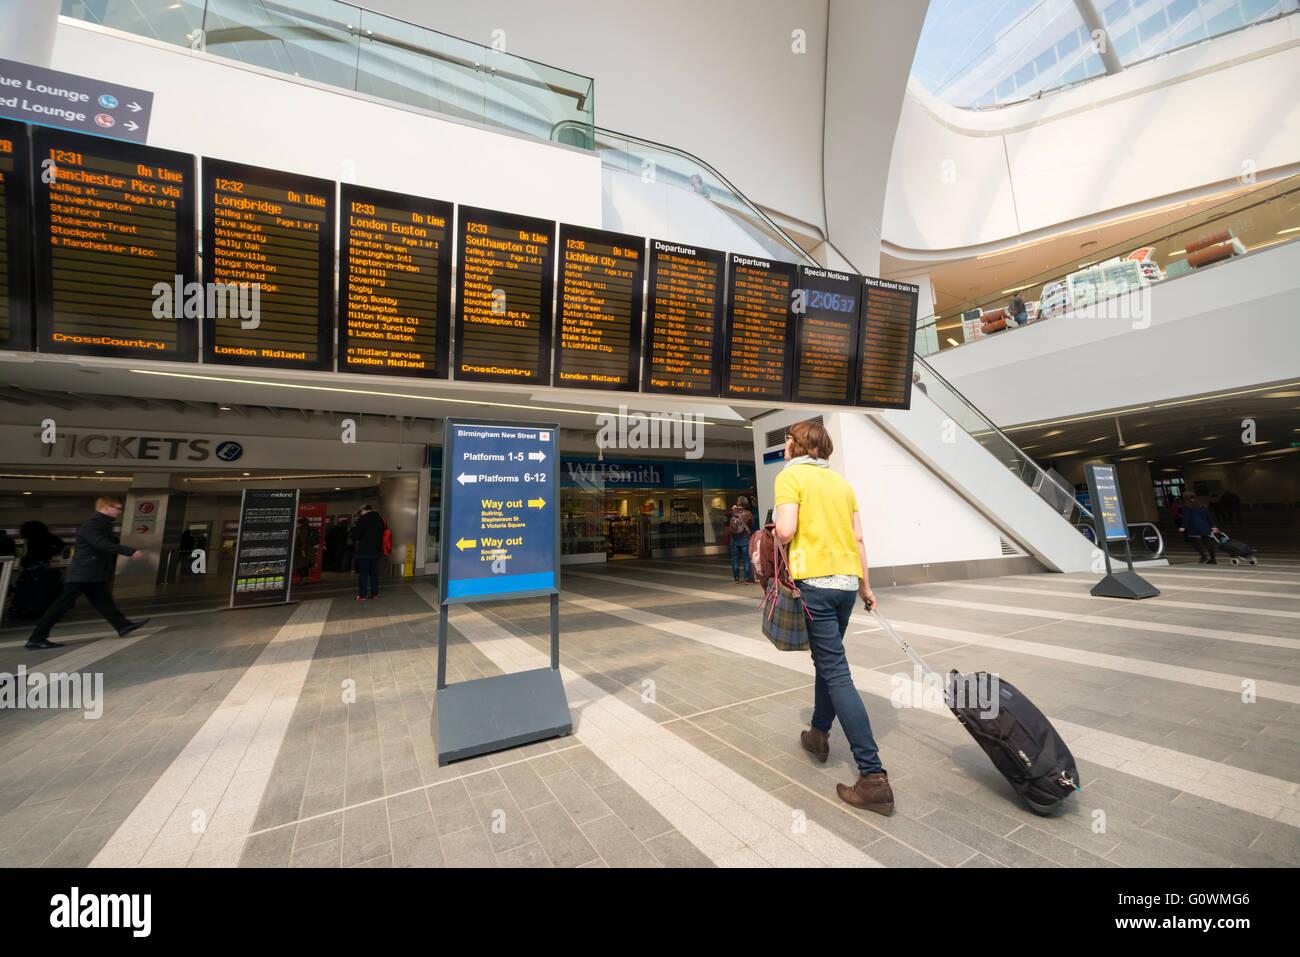 Estación de Tren New Street, Birmingham, Reino Unido. Imagen De Stock